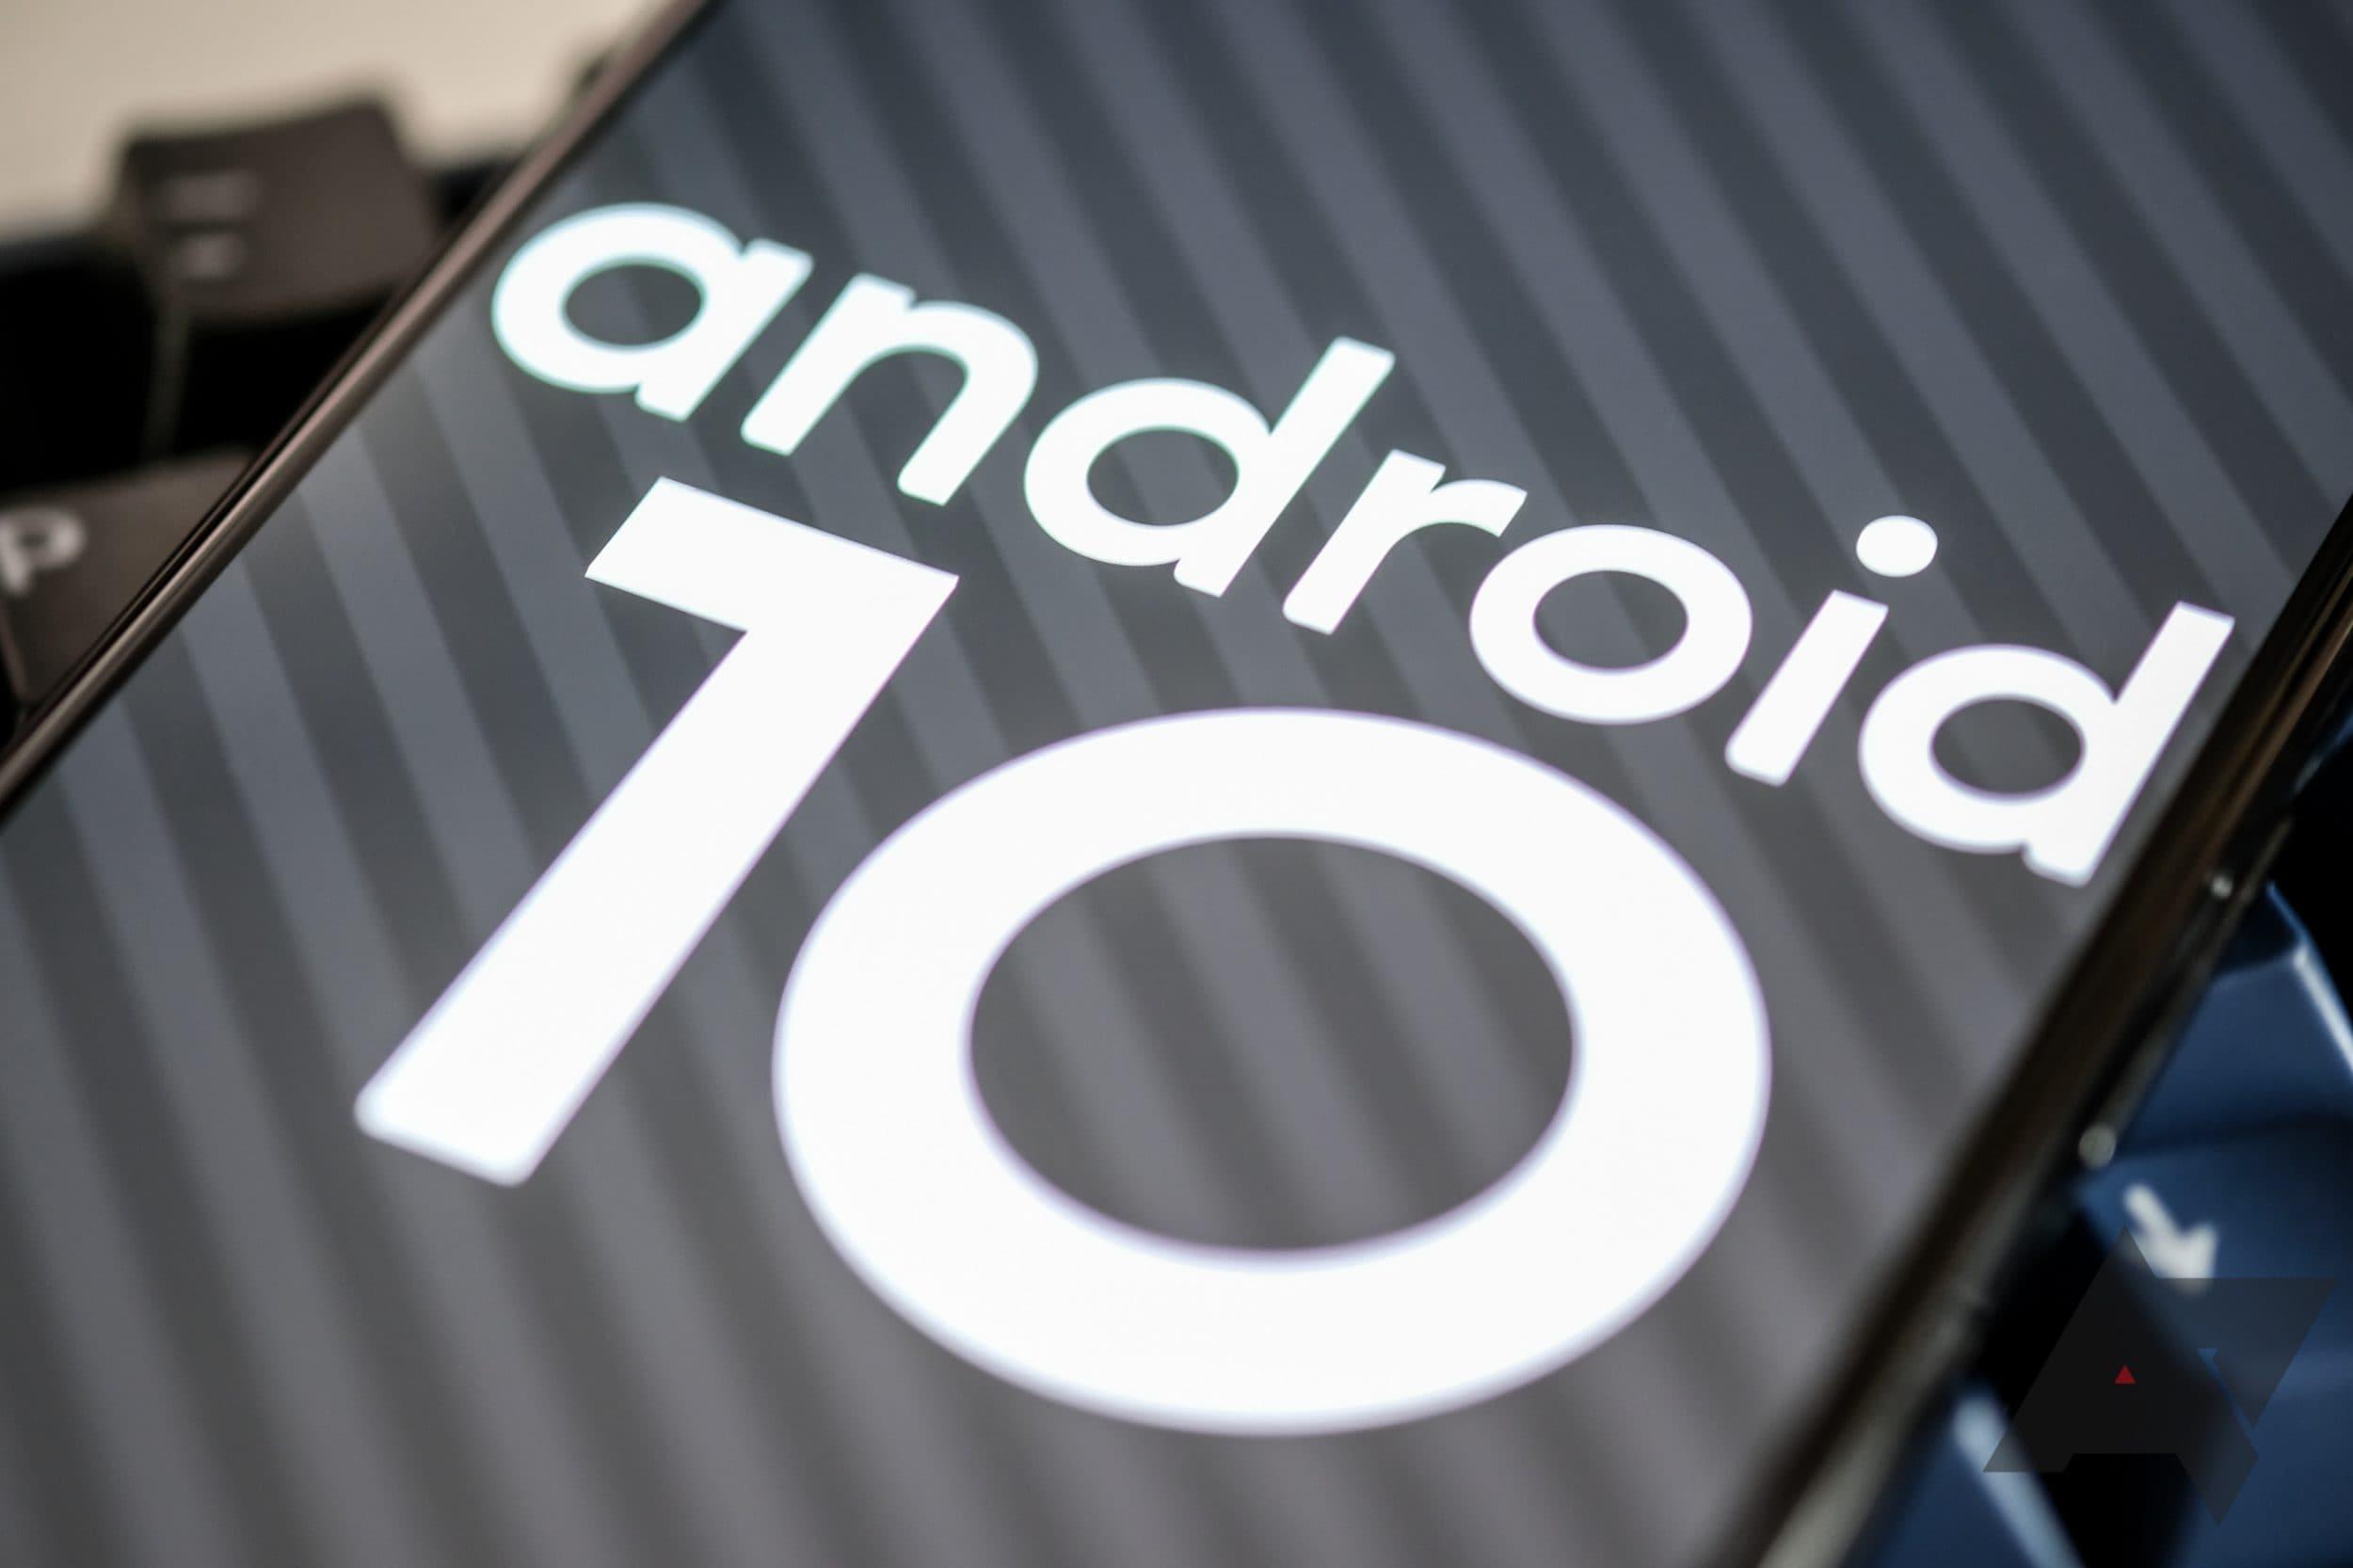 Tutti i nuovi modelli di smartphone e tablet dovranno ora avere Android 10 (aggiornato)